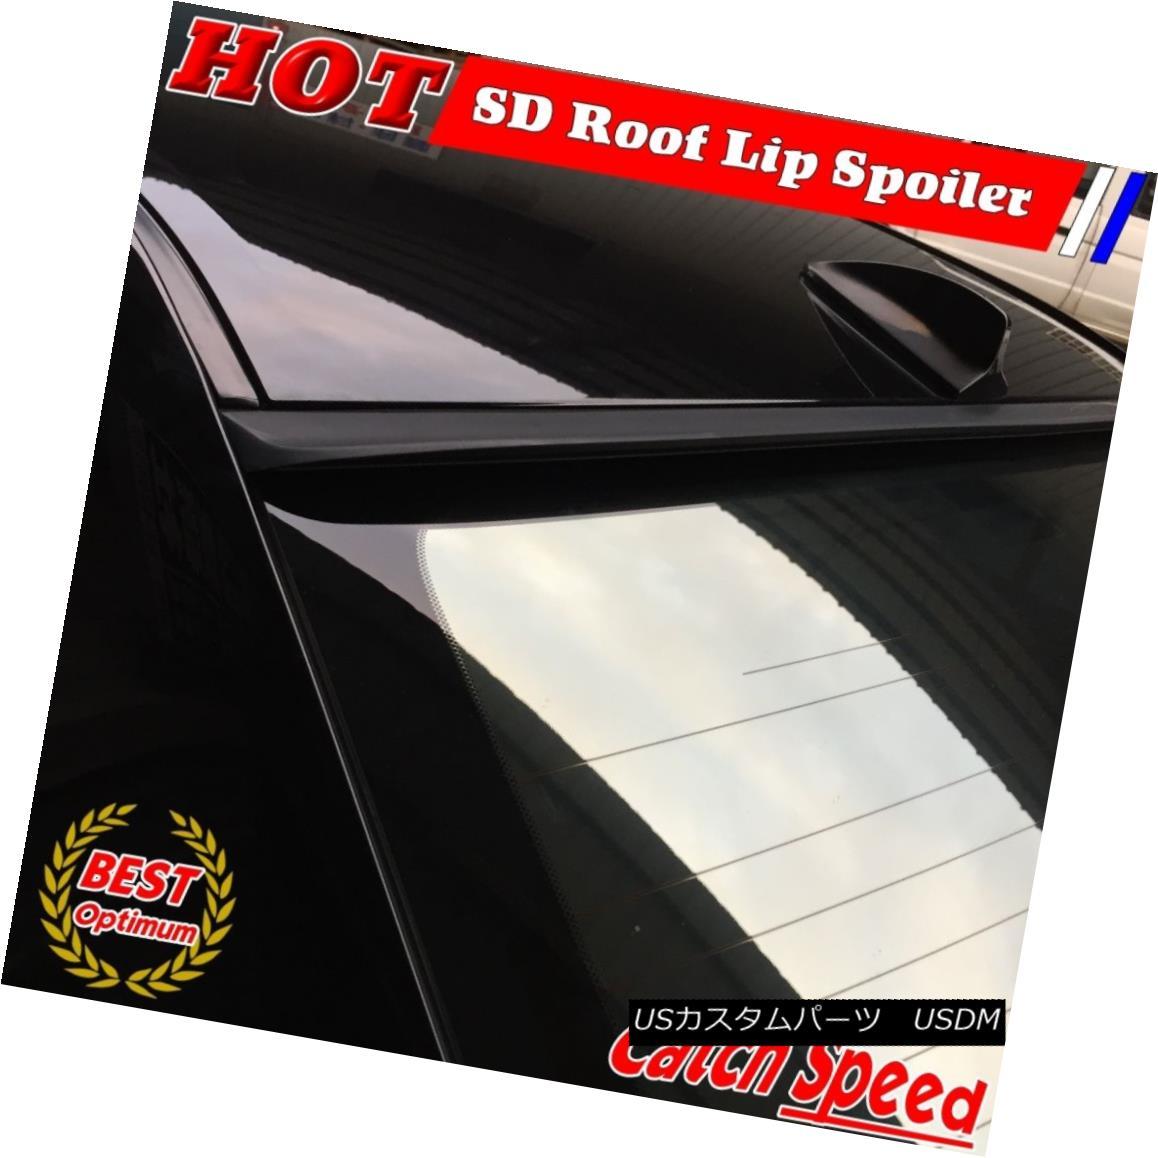 エアロパーツ Painted SD Type Rear Window Roof Spoiler For 6-series BMW F13 Coupe 2011~2015 6シリーズBMW F13クーペ2011年?2015年用の塗装済みSDタイプリアウィンドウルーフスポイラー